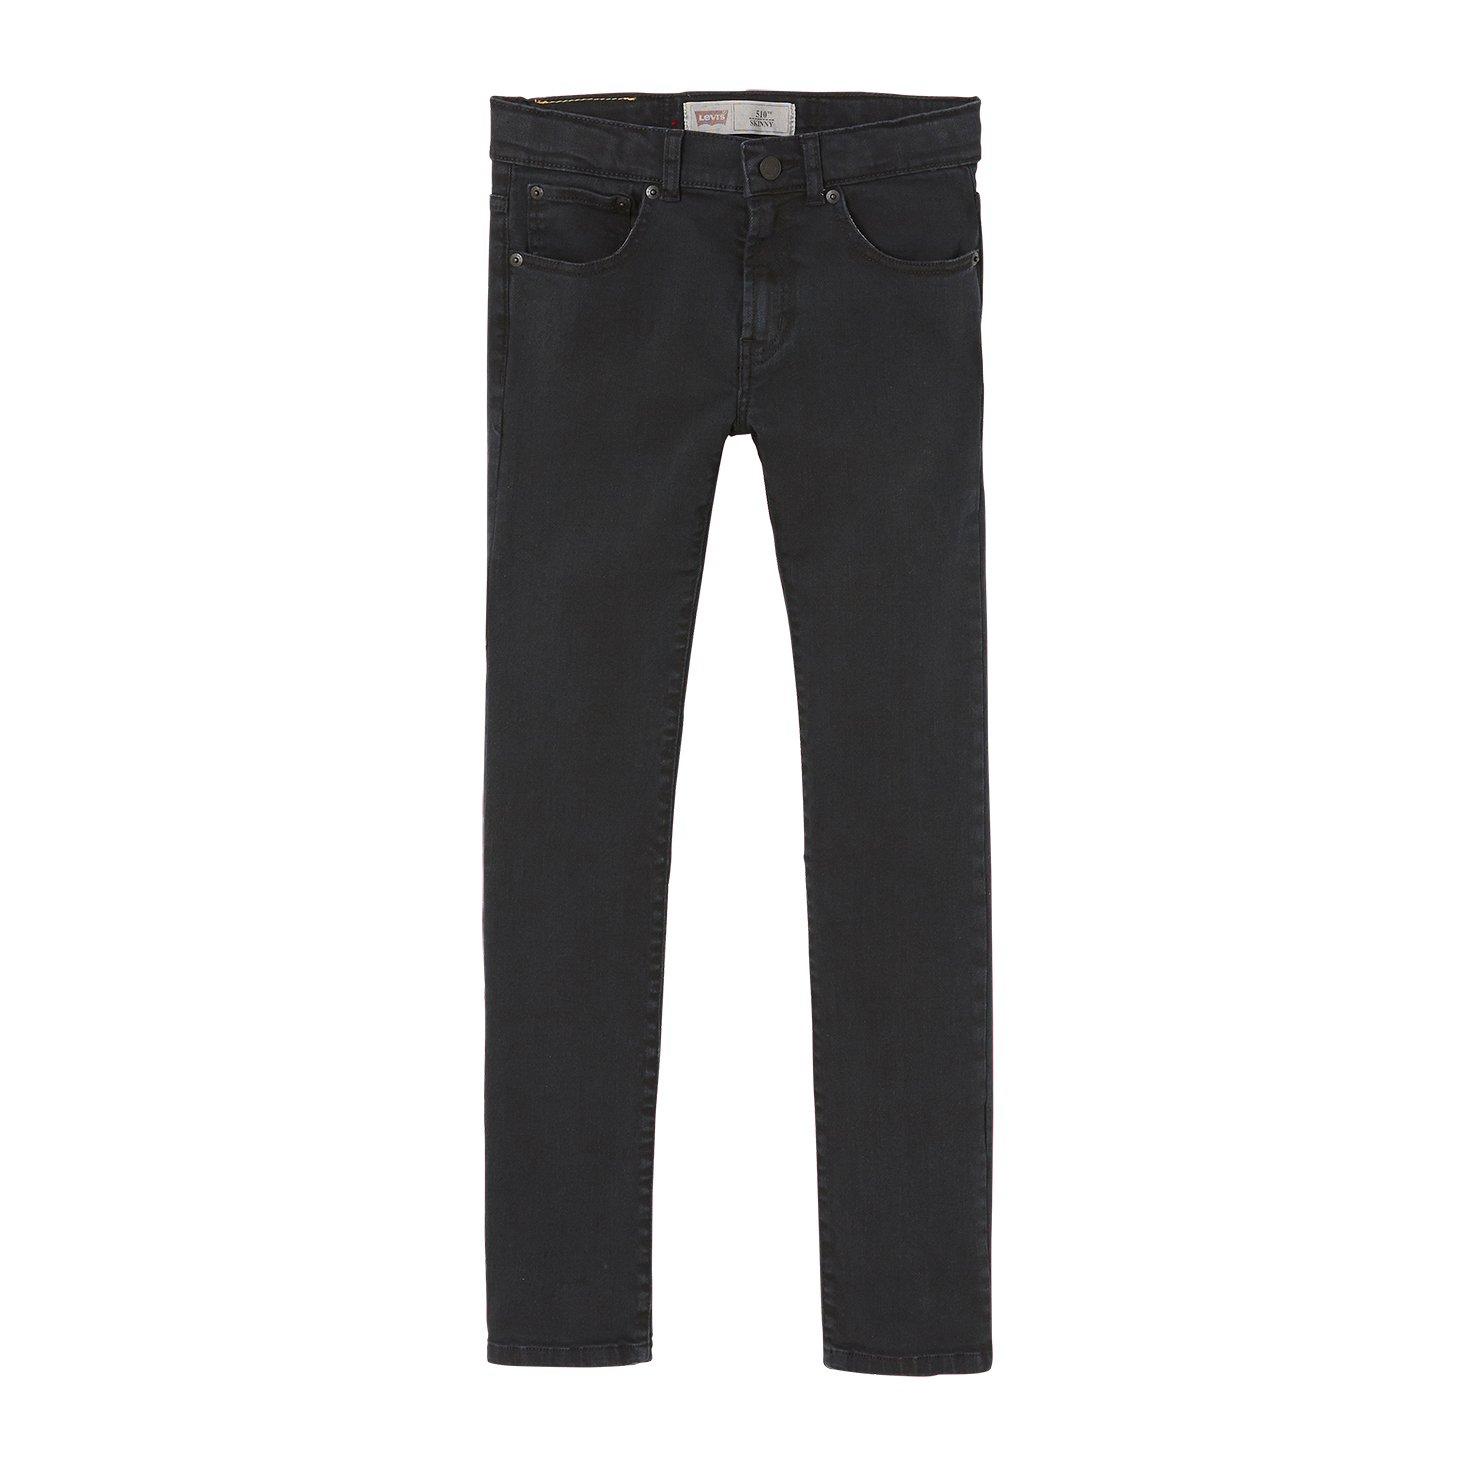 Levi's Pant 510, Jeans Bambino Levi' s Pant 510 Levi' s Kids